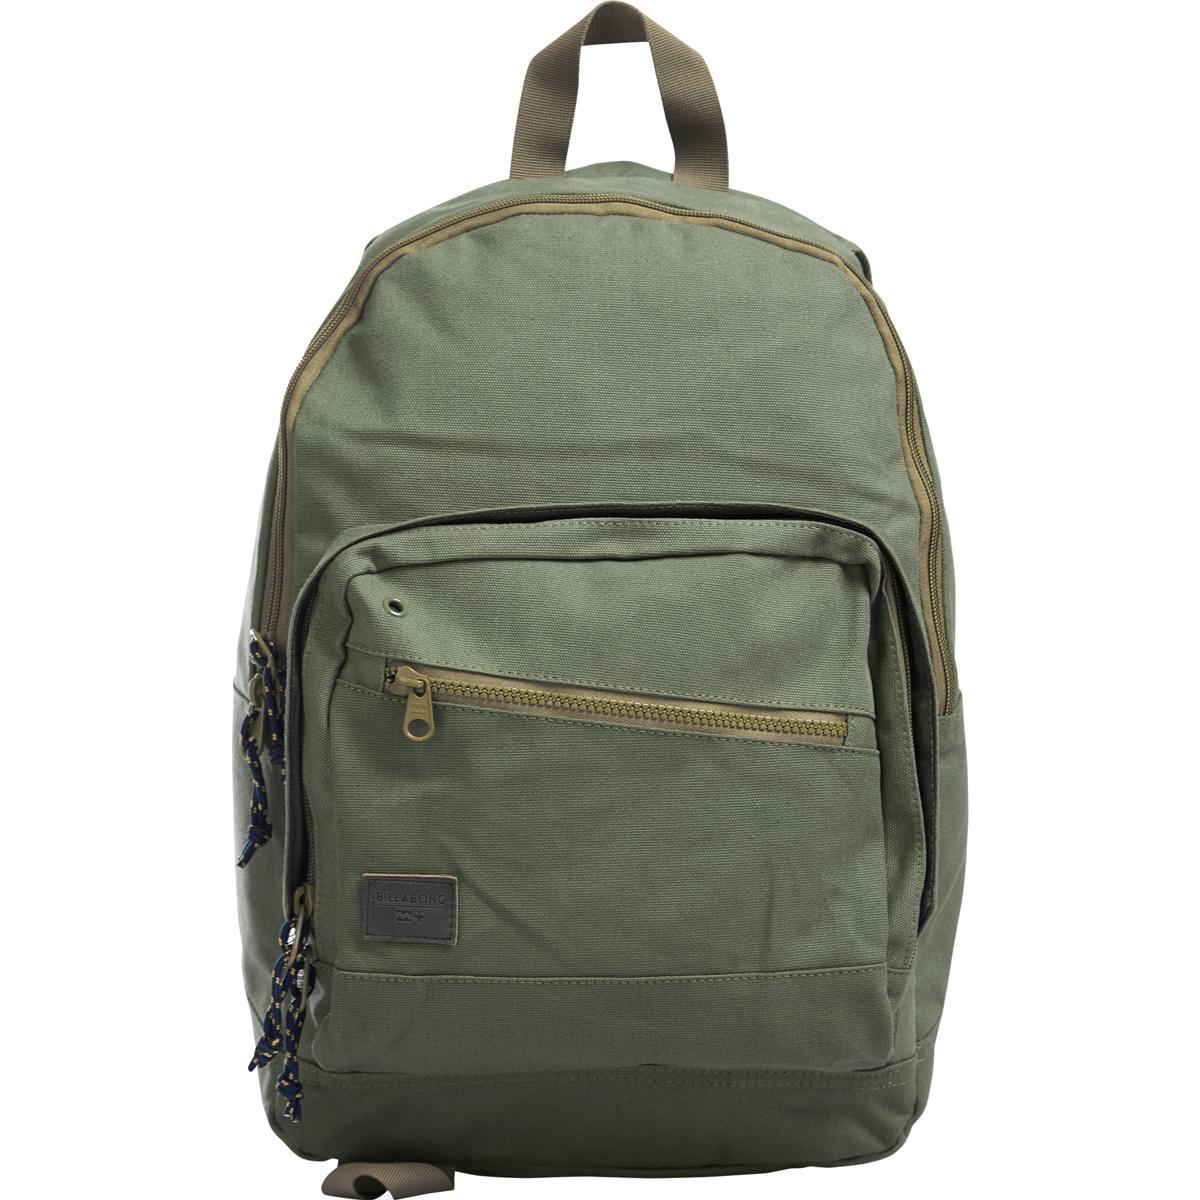 Рюкзак городской Billabong Laneway Canvas, цвет: оливковый, 23 л. Z5BP08Z5BP08Вместительный и практичный рюкзак из 100% хлопка. Два внеших внеших кармана для мелочей, в онсновном отделение кармана для ноутбука.